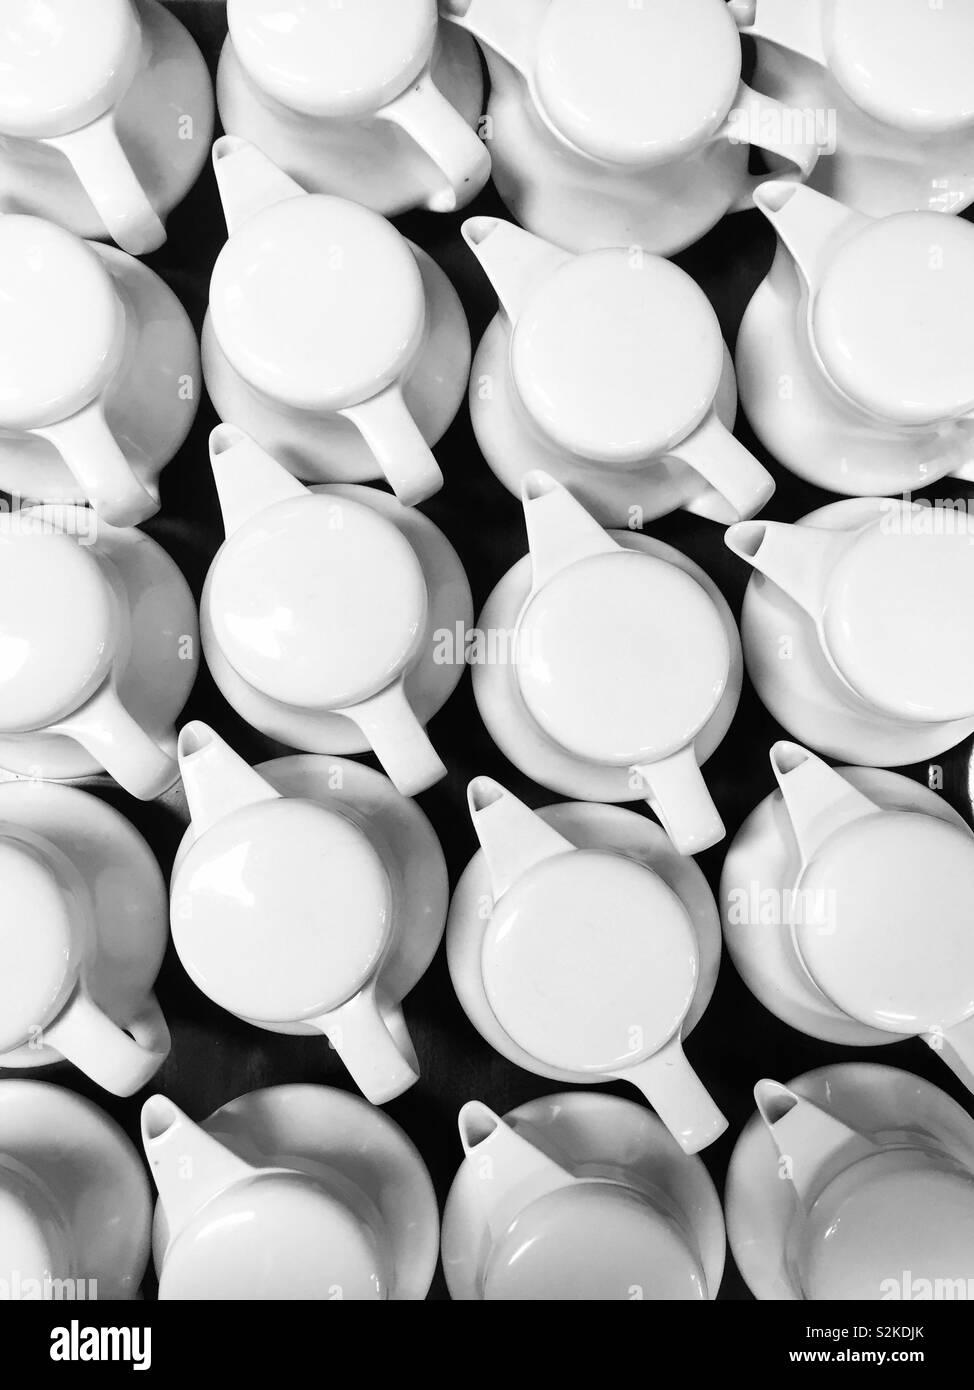 Gruppo di tè bianco pentole in righe dal di sopra. Forme e modelli forma, guardando in giù su più teiere bianco su nero tabella, ristorante o bar background. Foto Stock